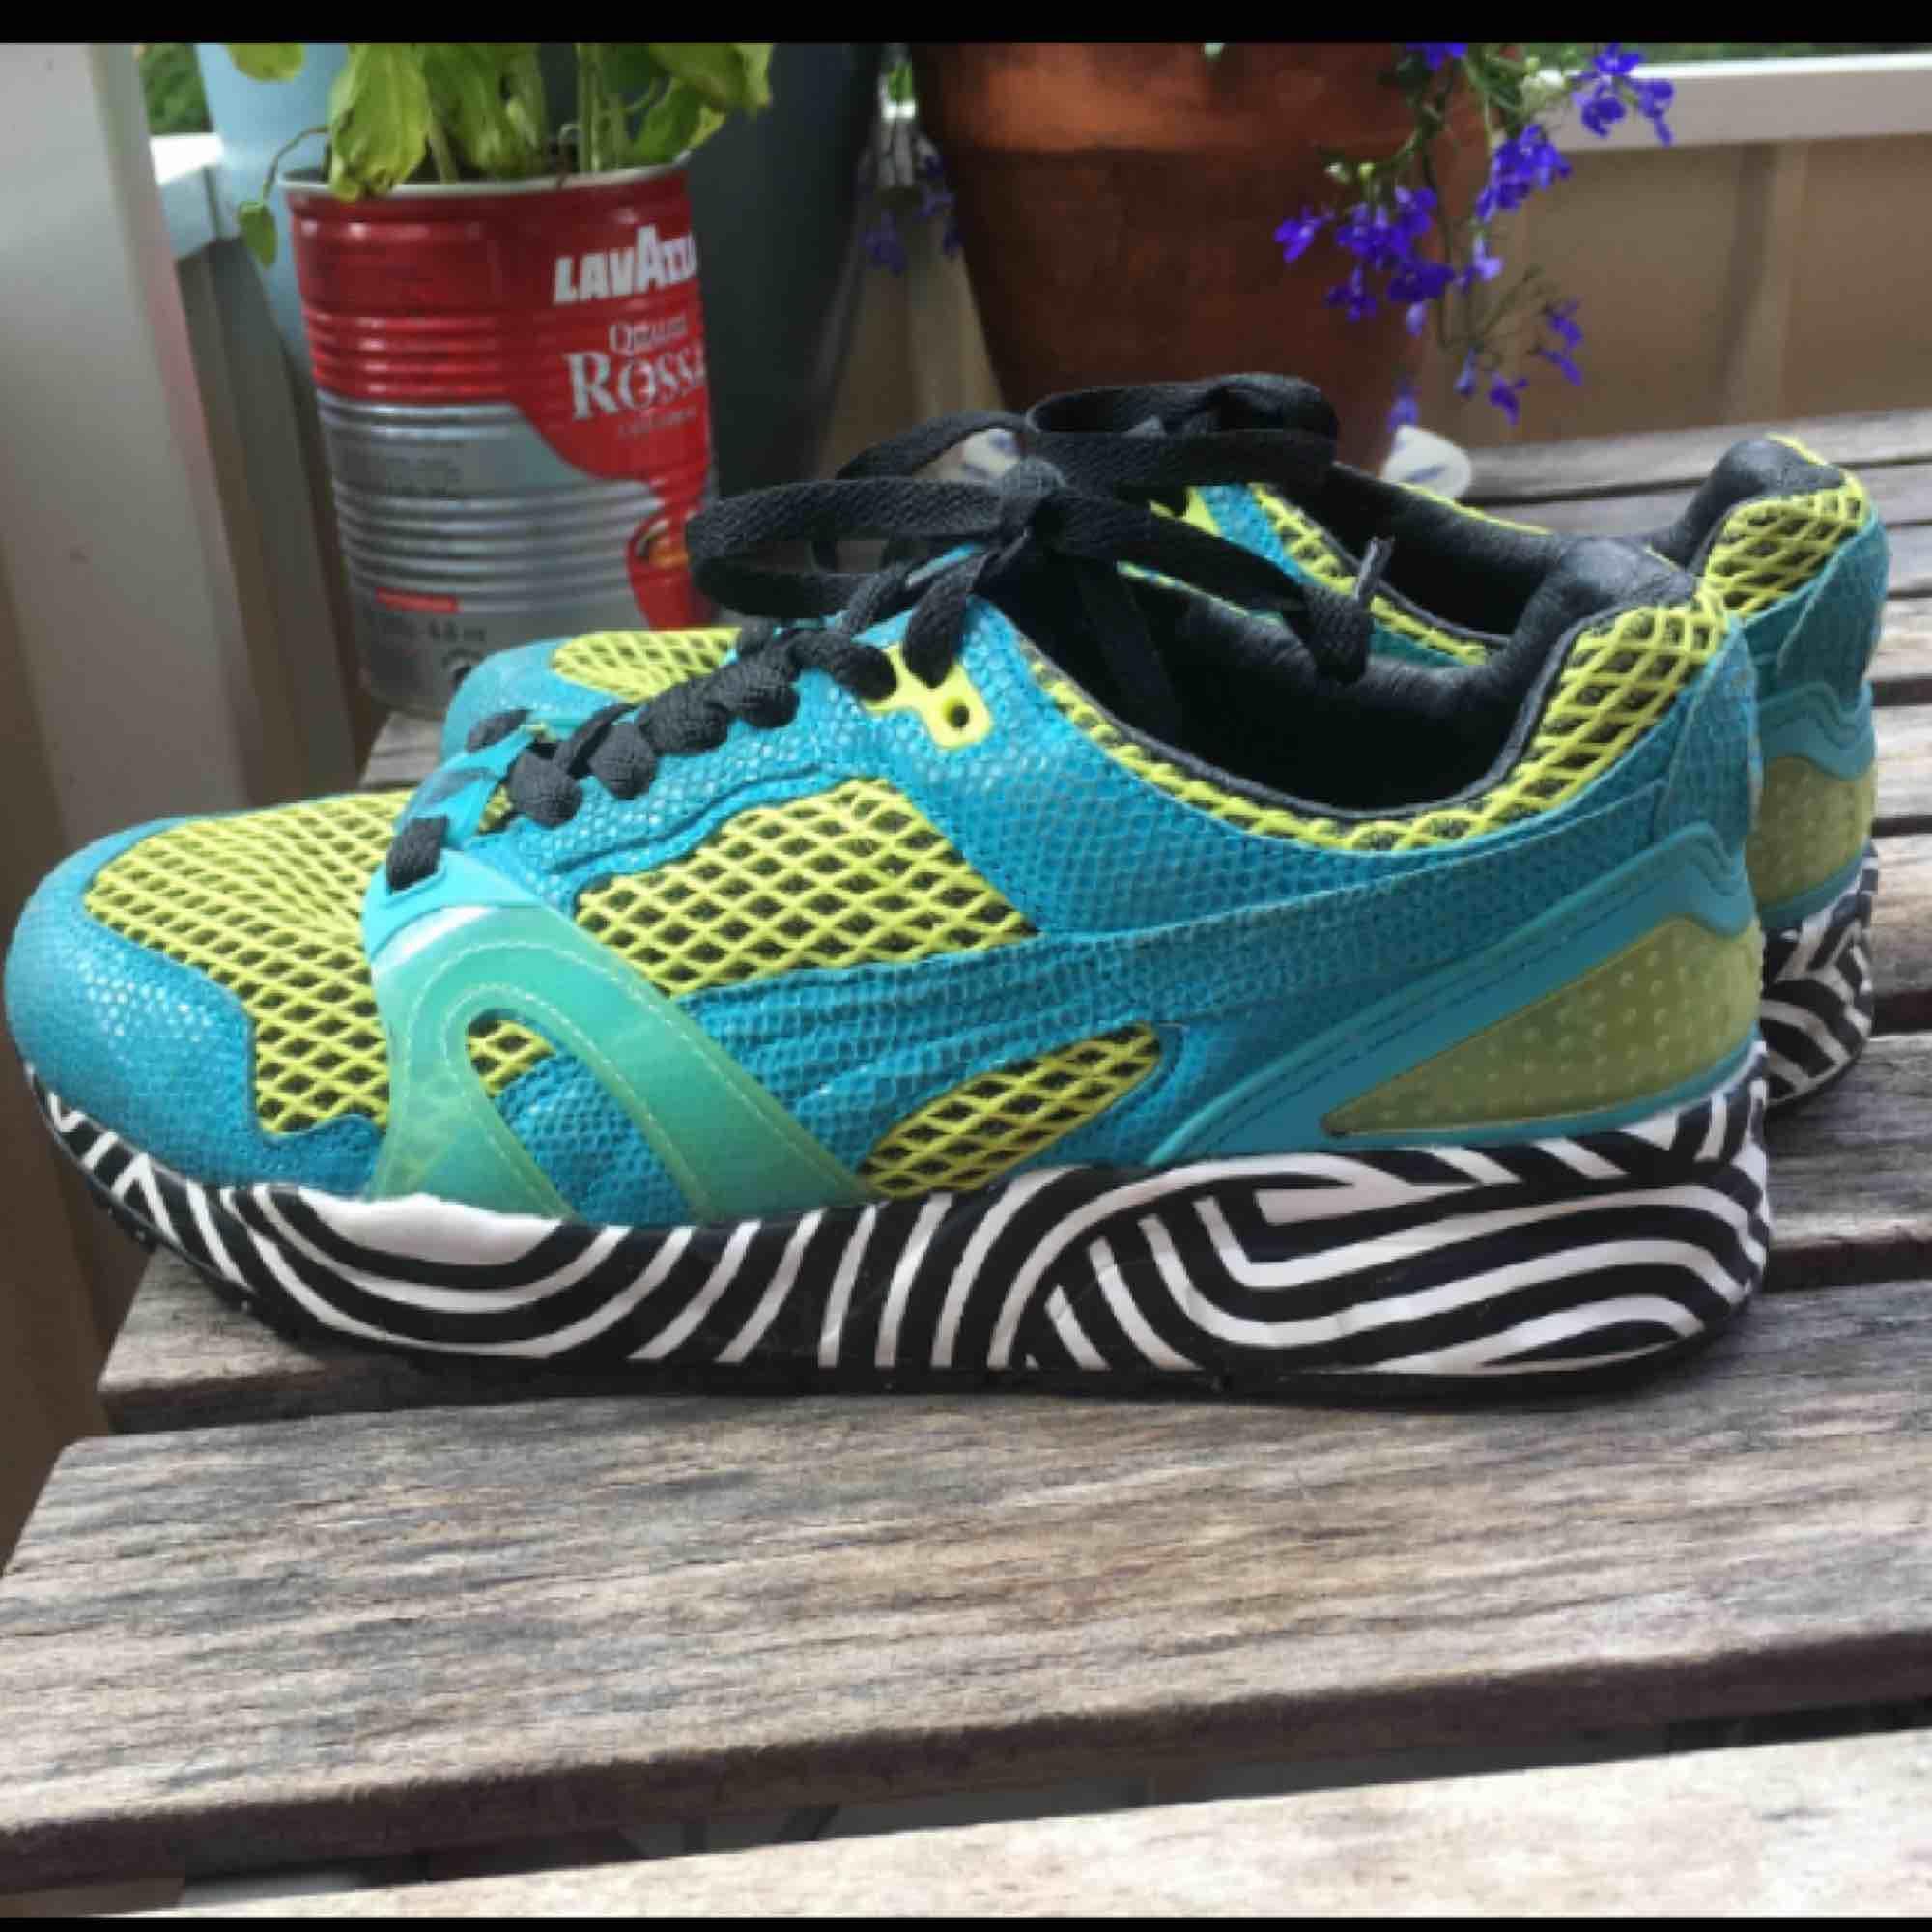 Väldigt unika Puma by Solange skor, fint skick överlag men ränderna har suddats ut lite grann på vissa stället. Frakt tillkommer :). Skor.